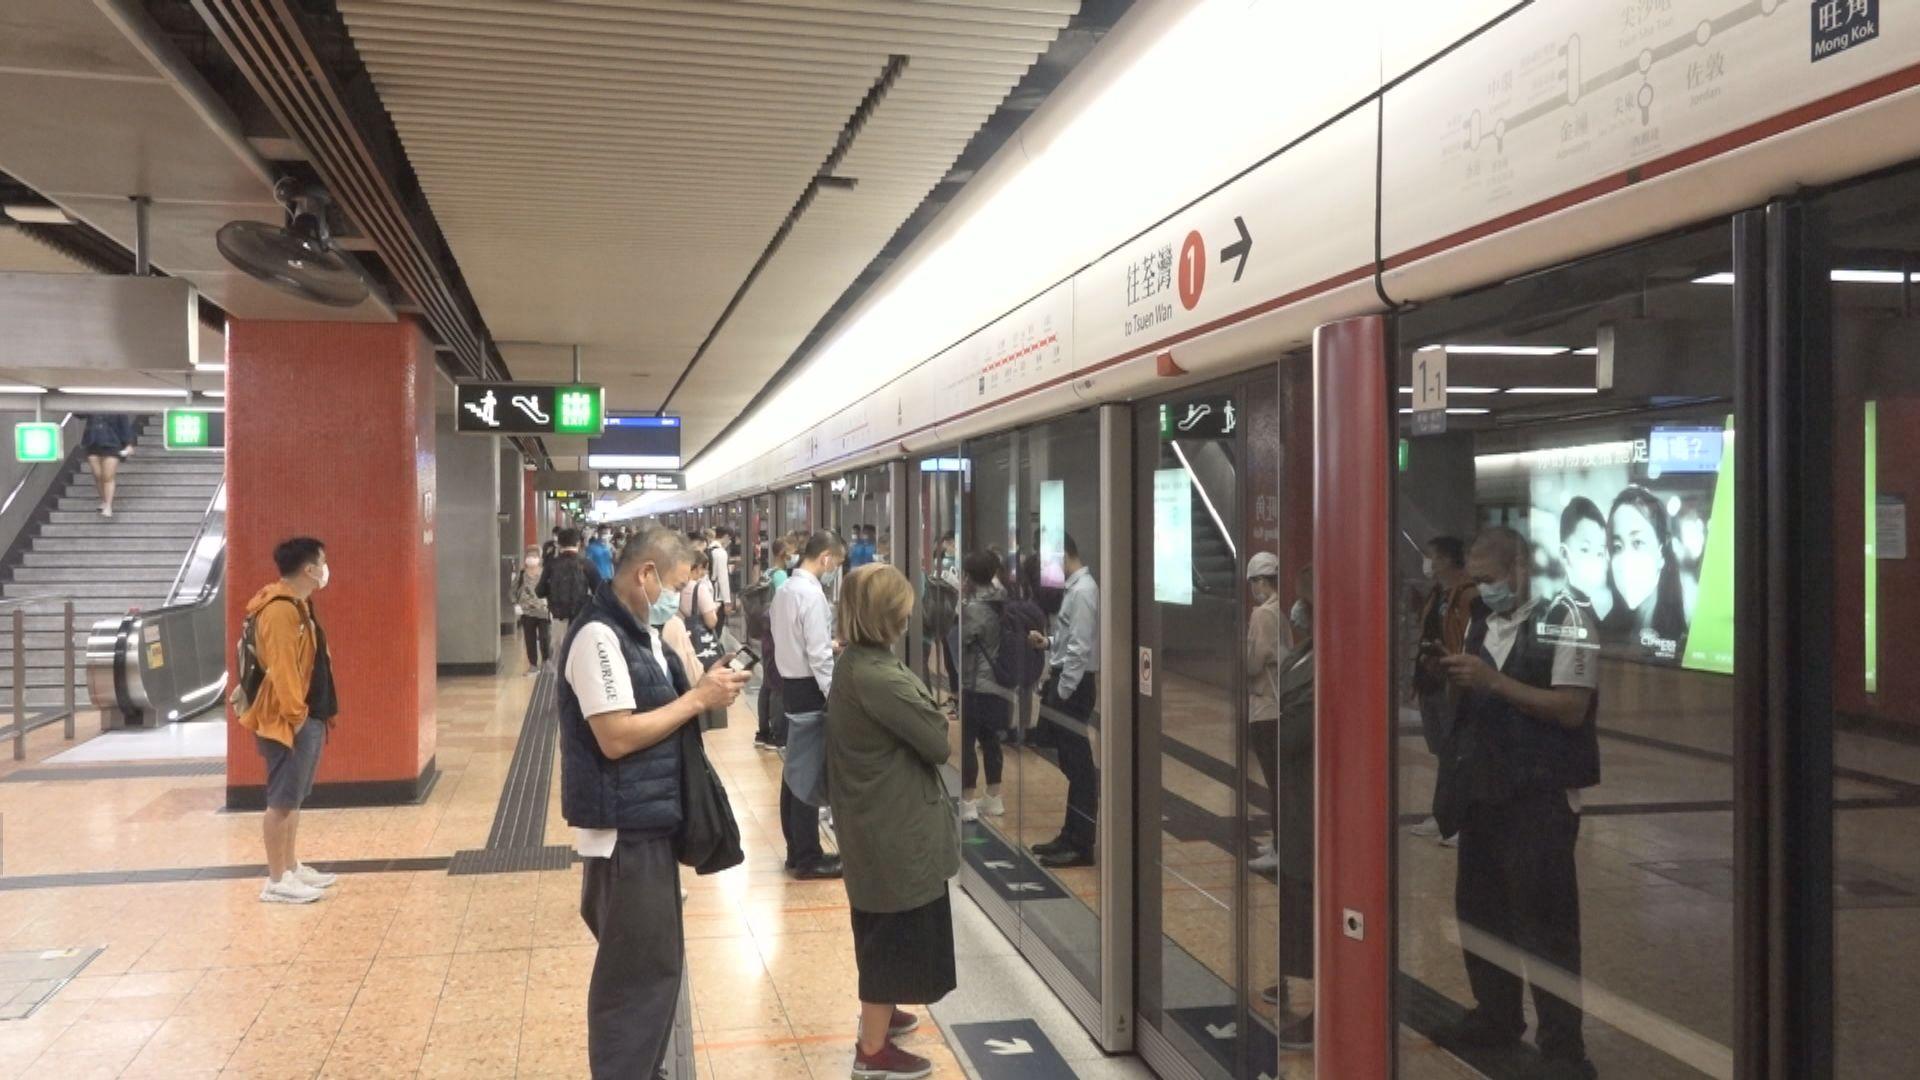 港鐵:2023年完成更新荃灣綫信號系統工程極具挑戰